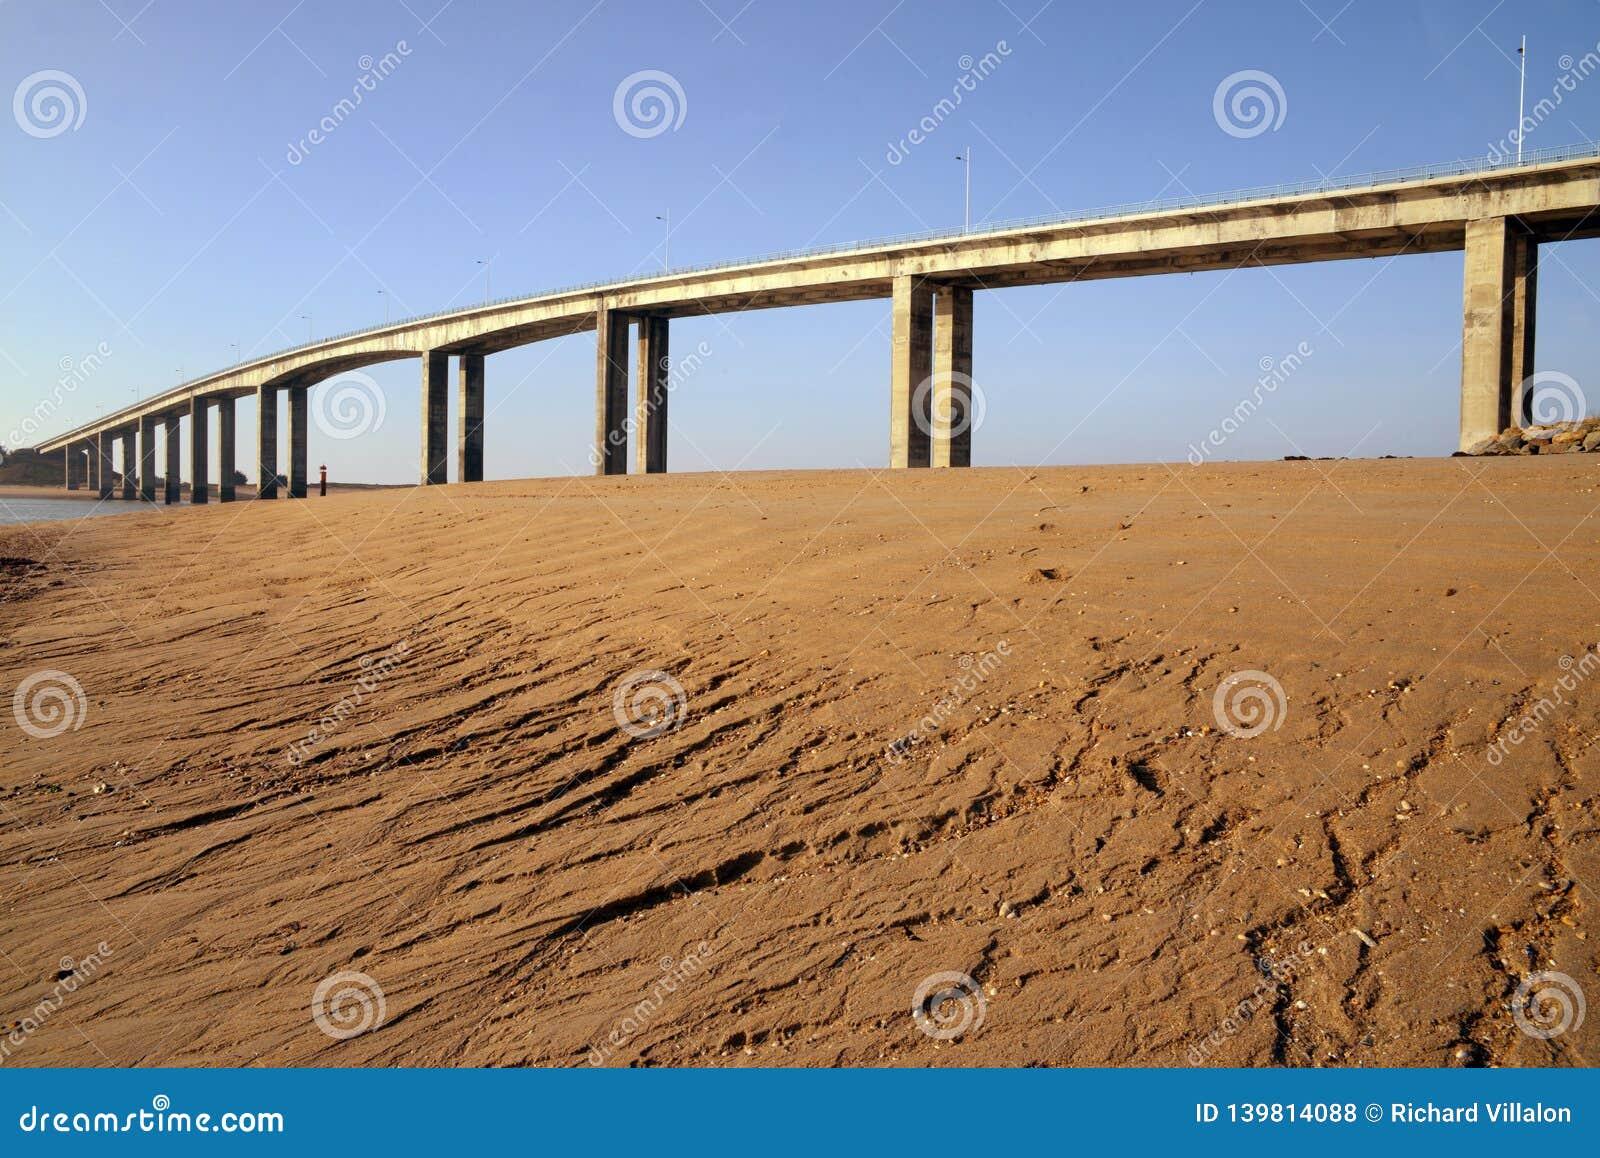 Le pont de Noirmoutier vu de la plage